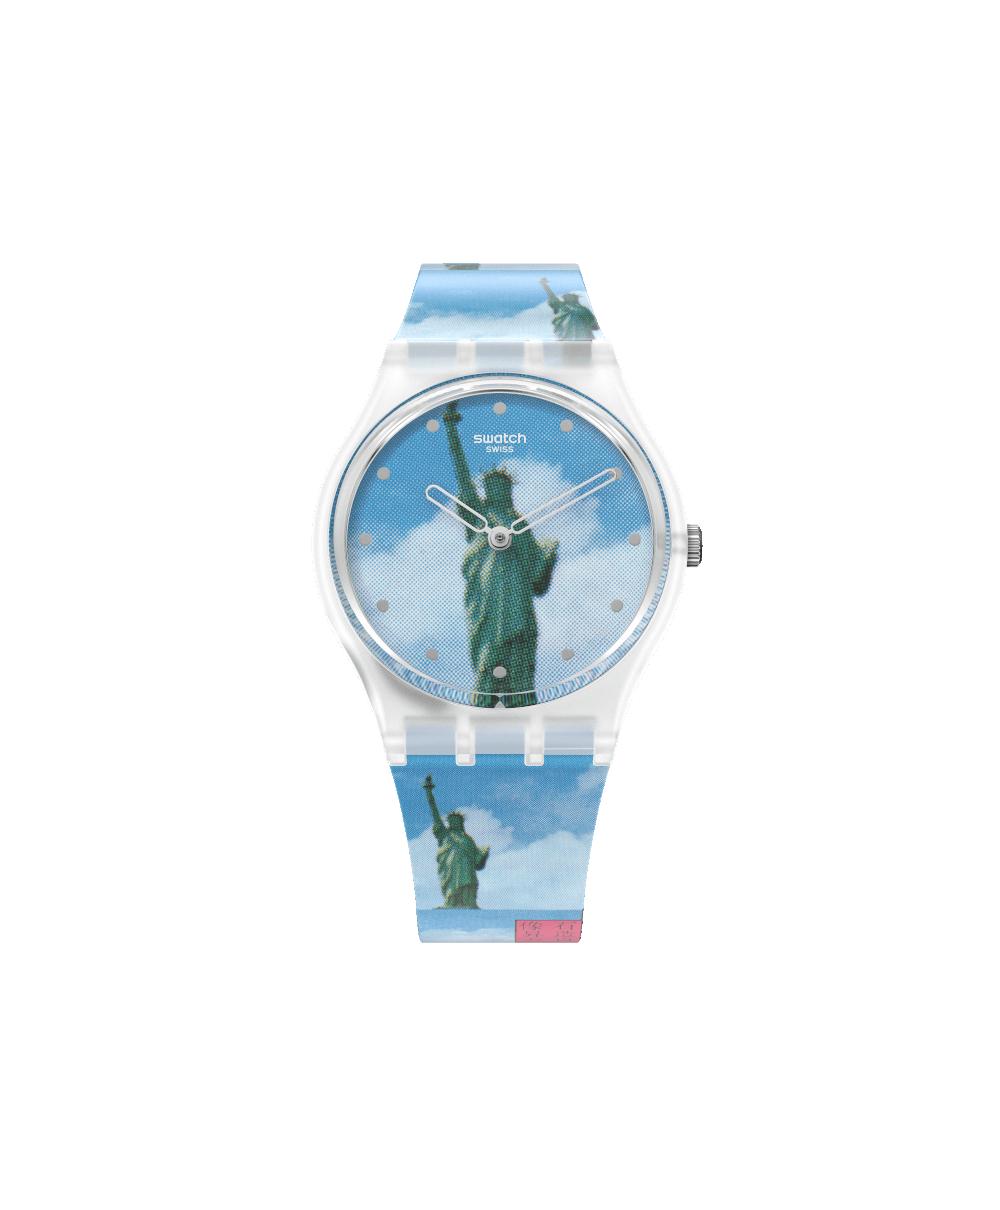 Reloj Swatch Moma New York By Tadanori Yokoo